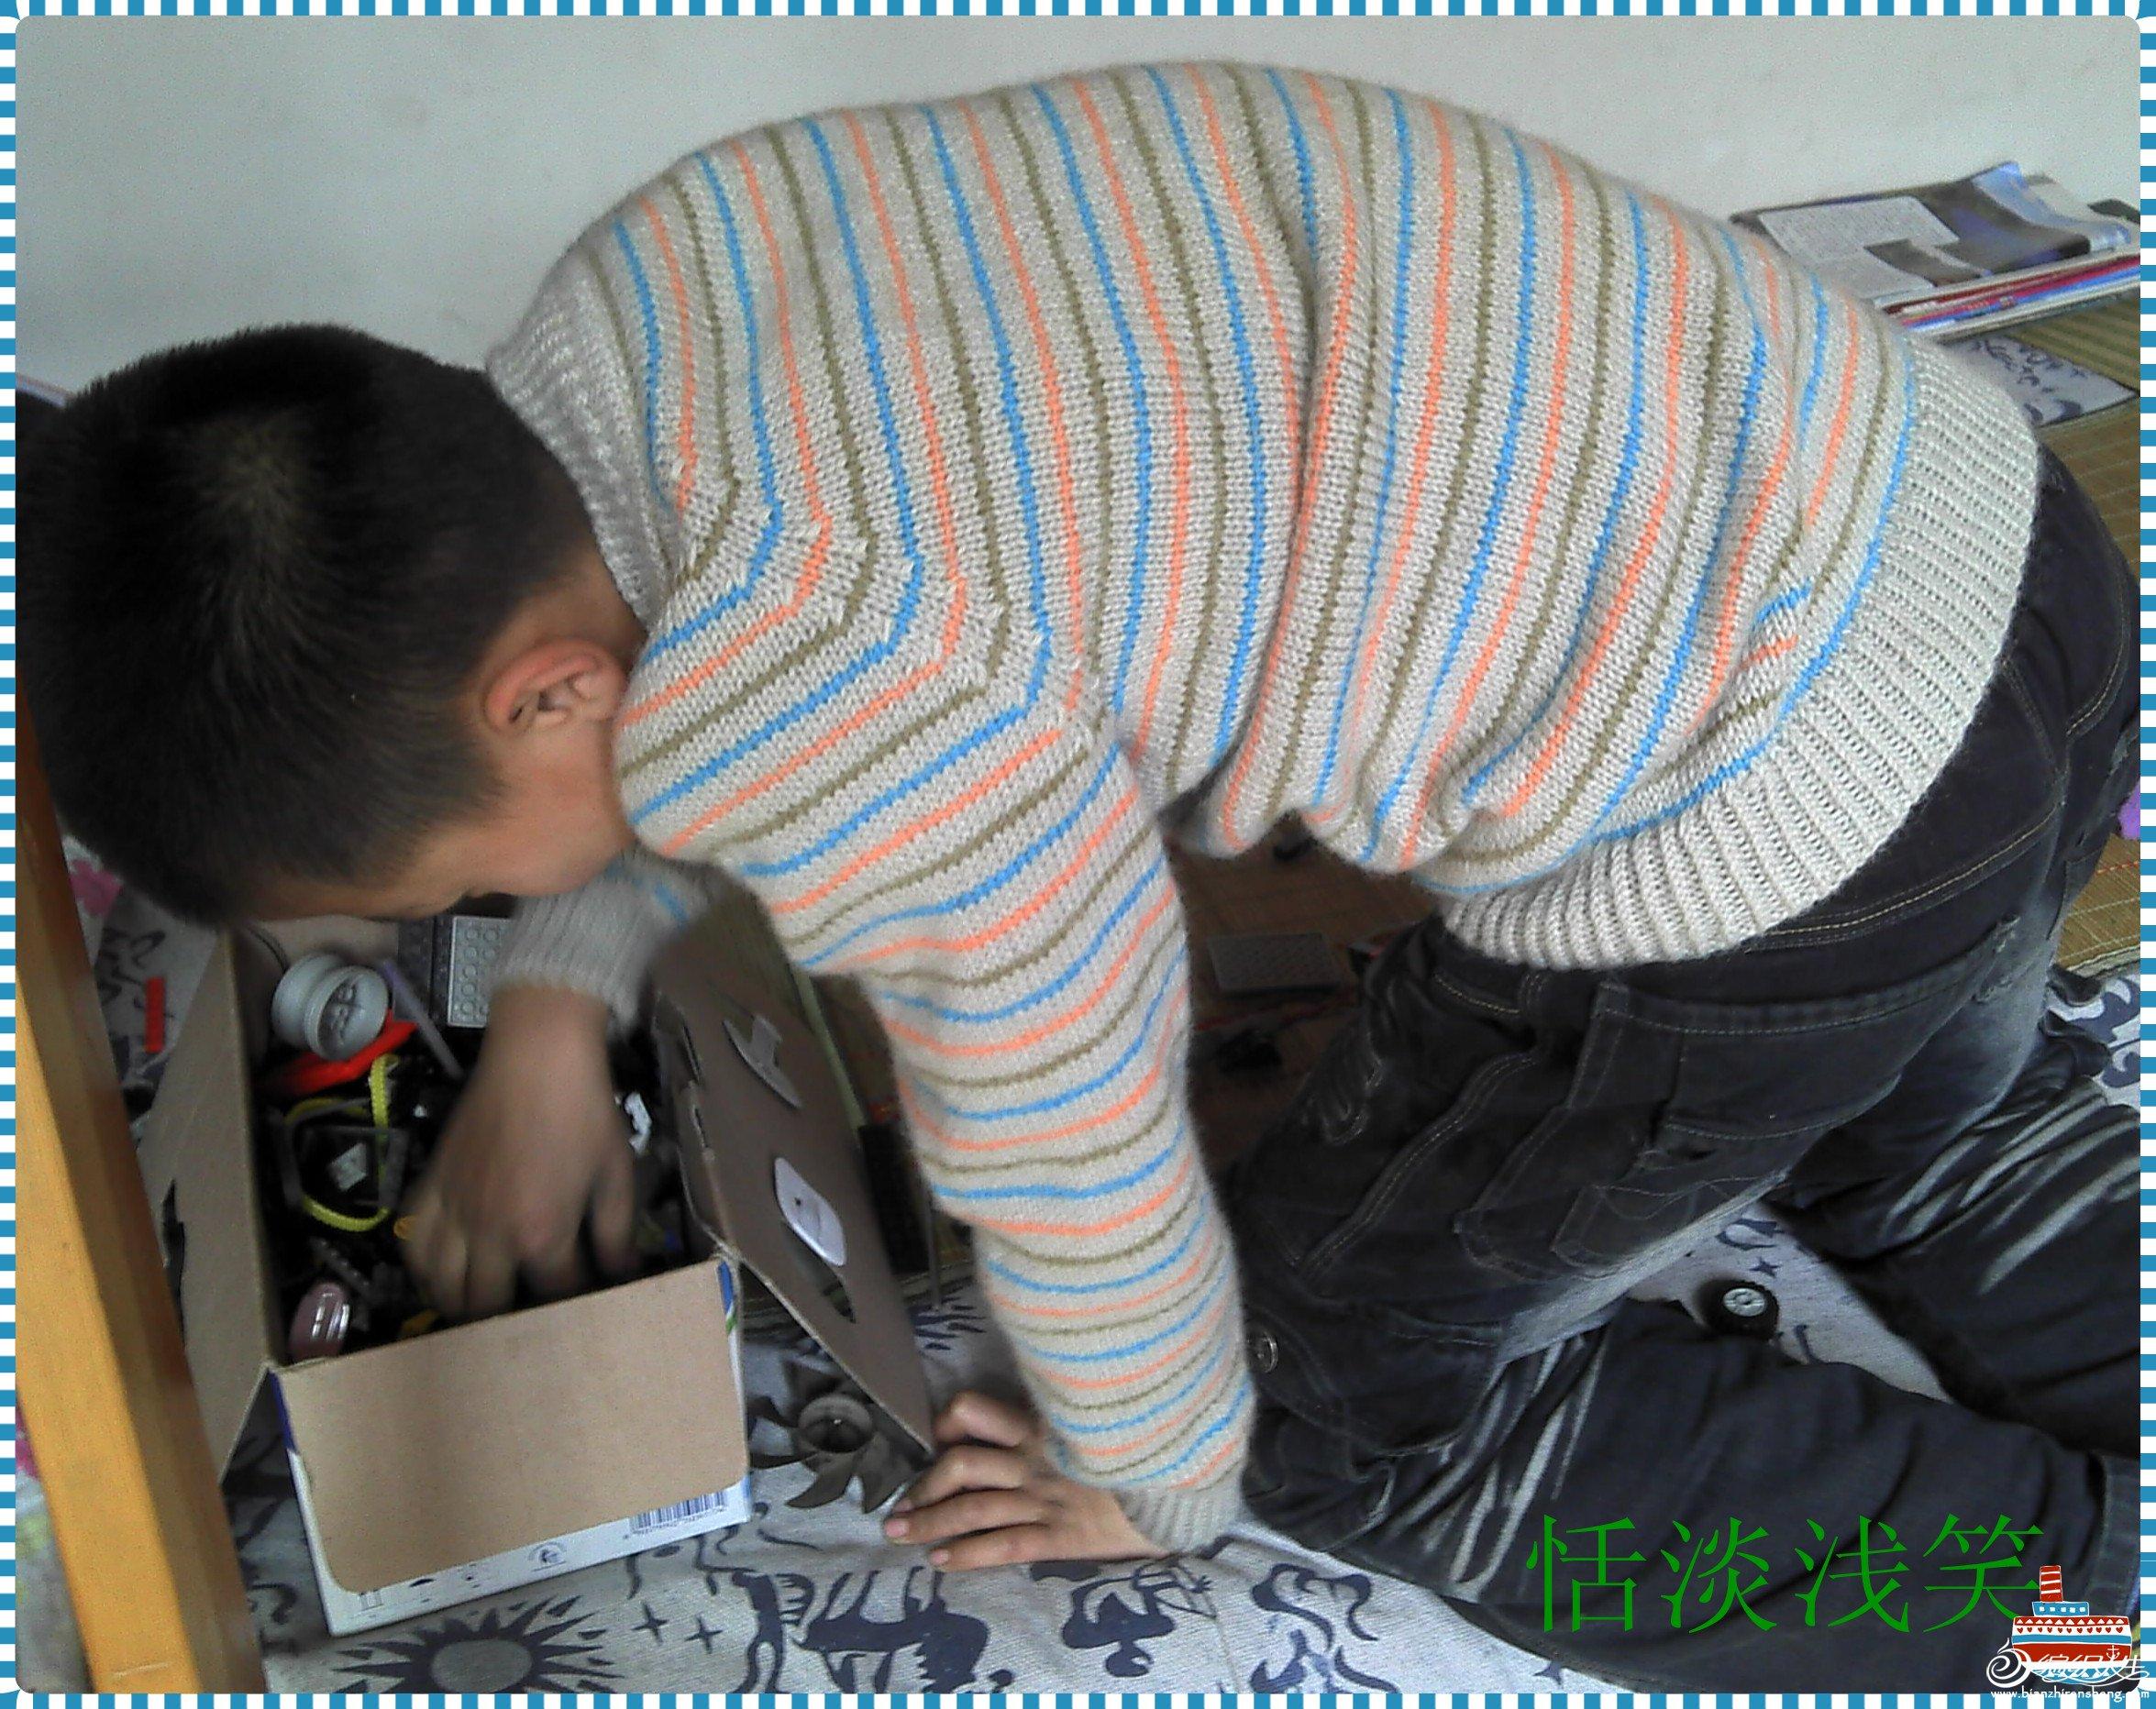 aPic_20120327_125212_819_副本.jpg